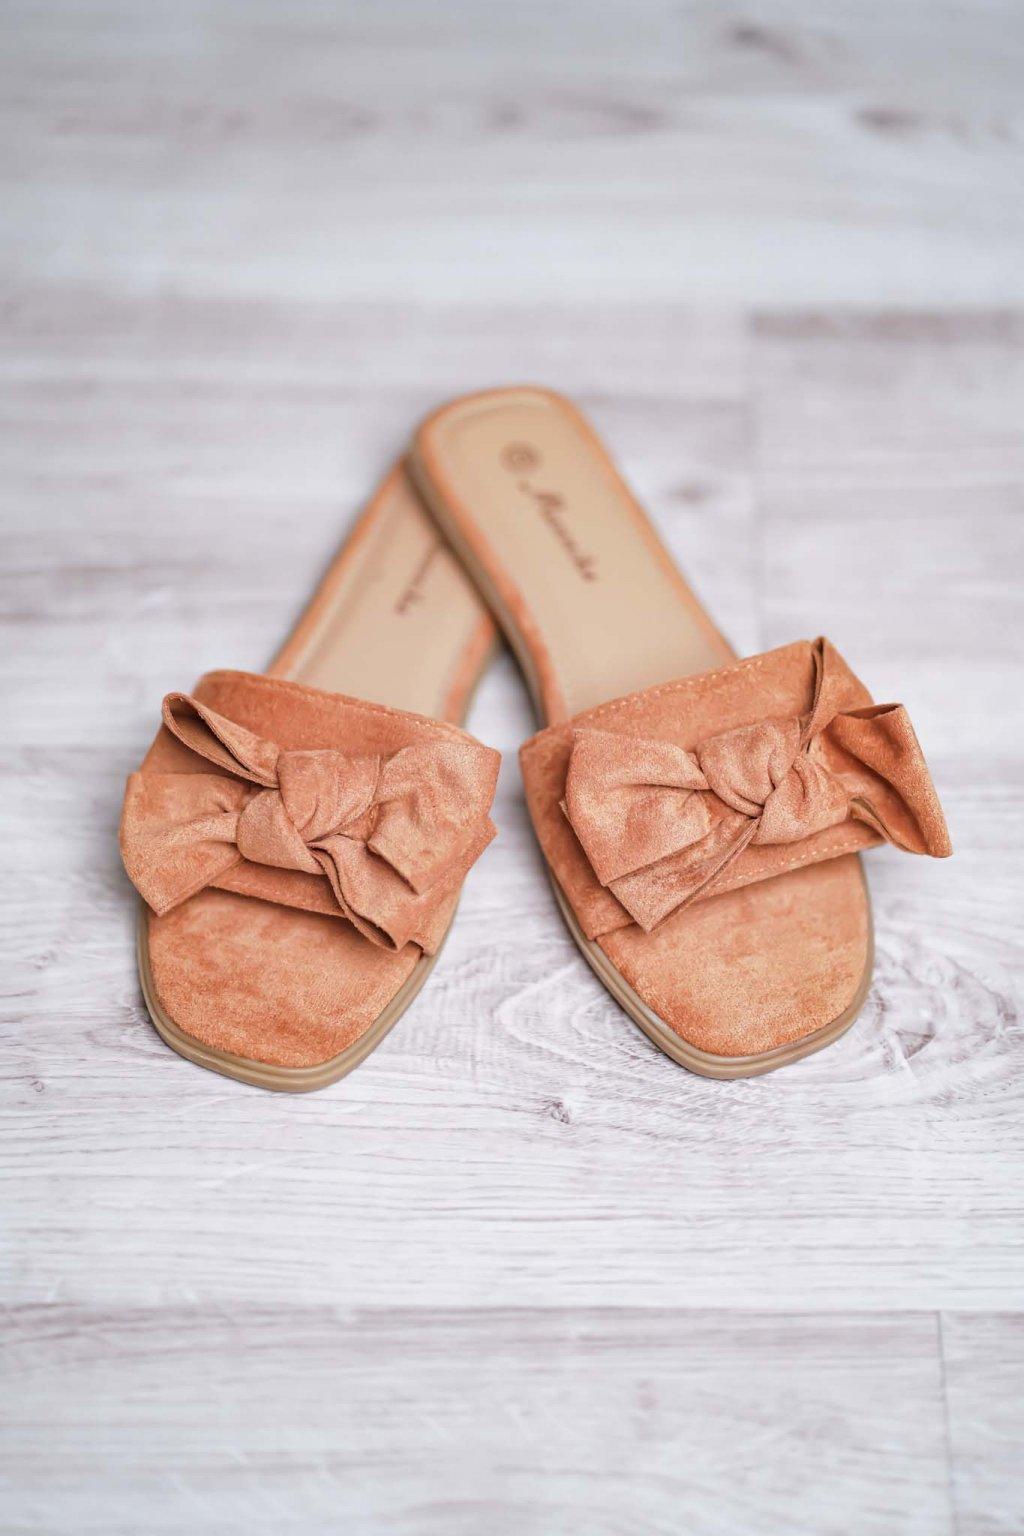 šľapky, pekné šľapky, obuv, letná obuv, jarná obuv, dovolenkový outfit, oblečenie na dovolenku 4